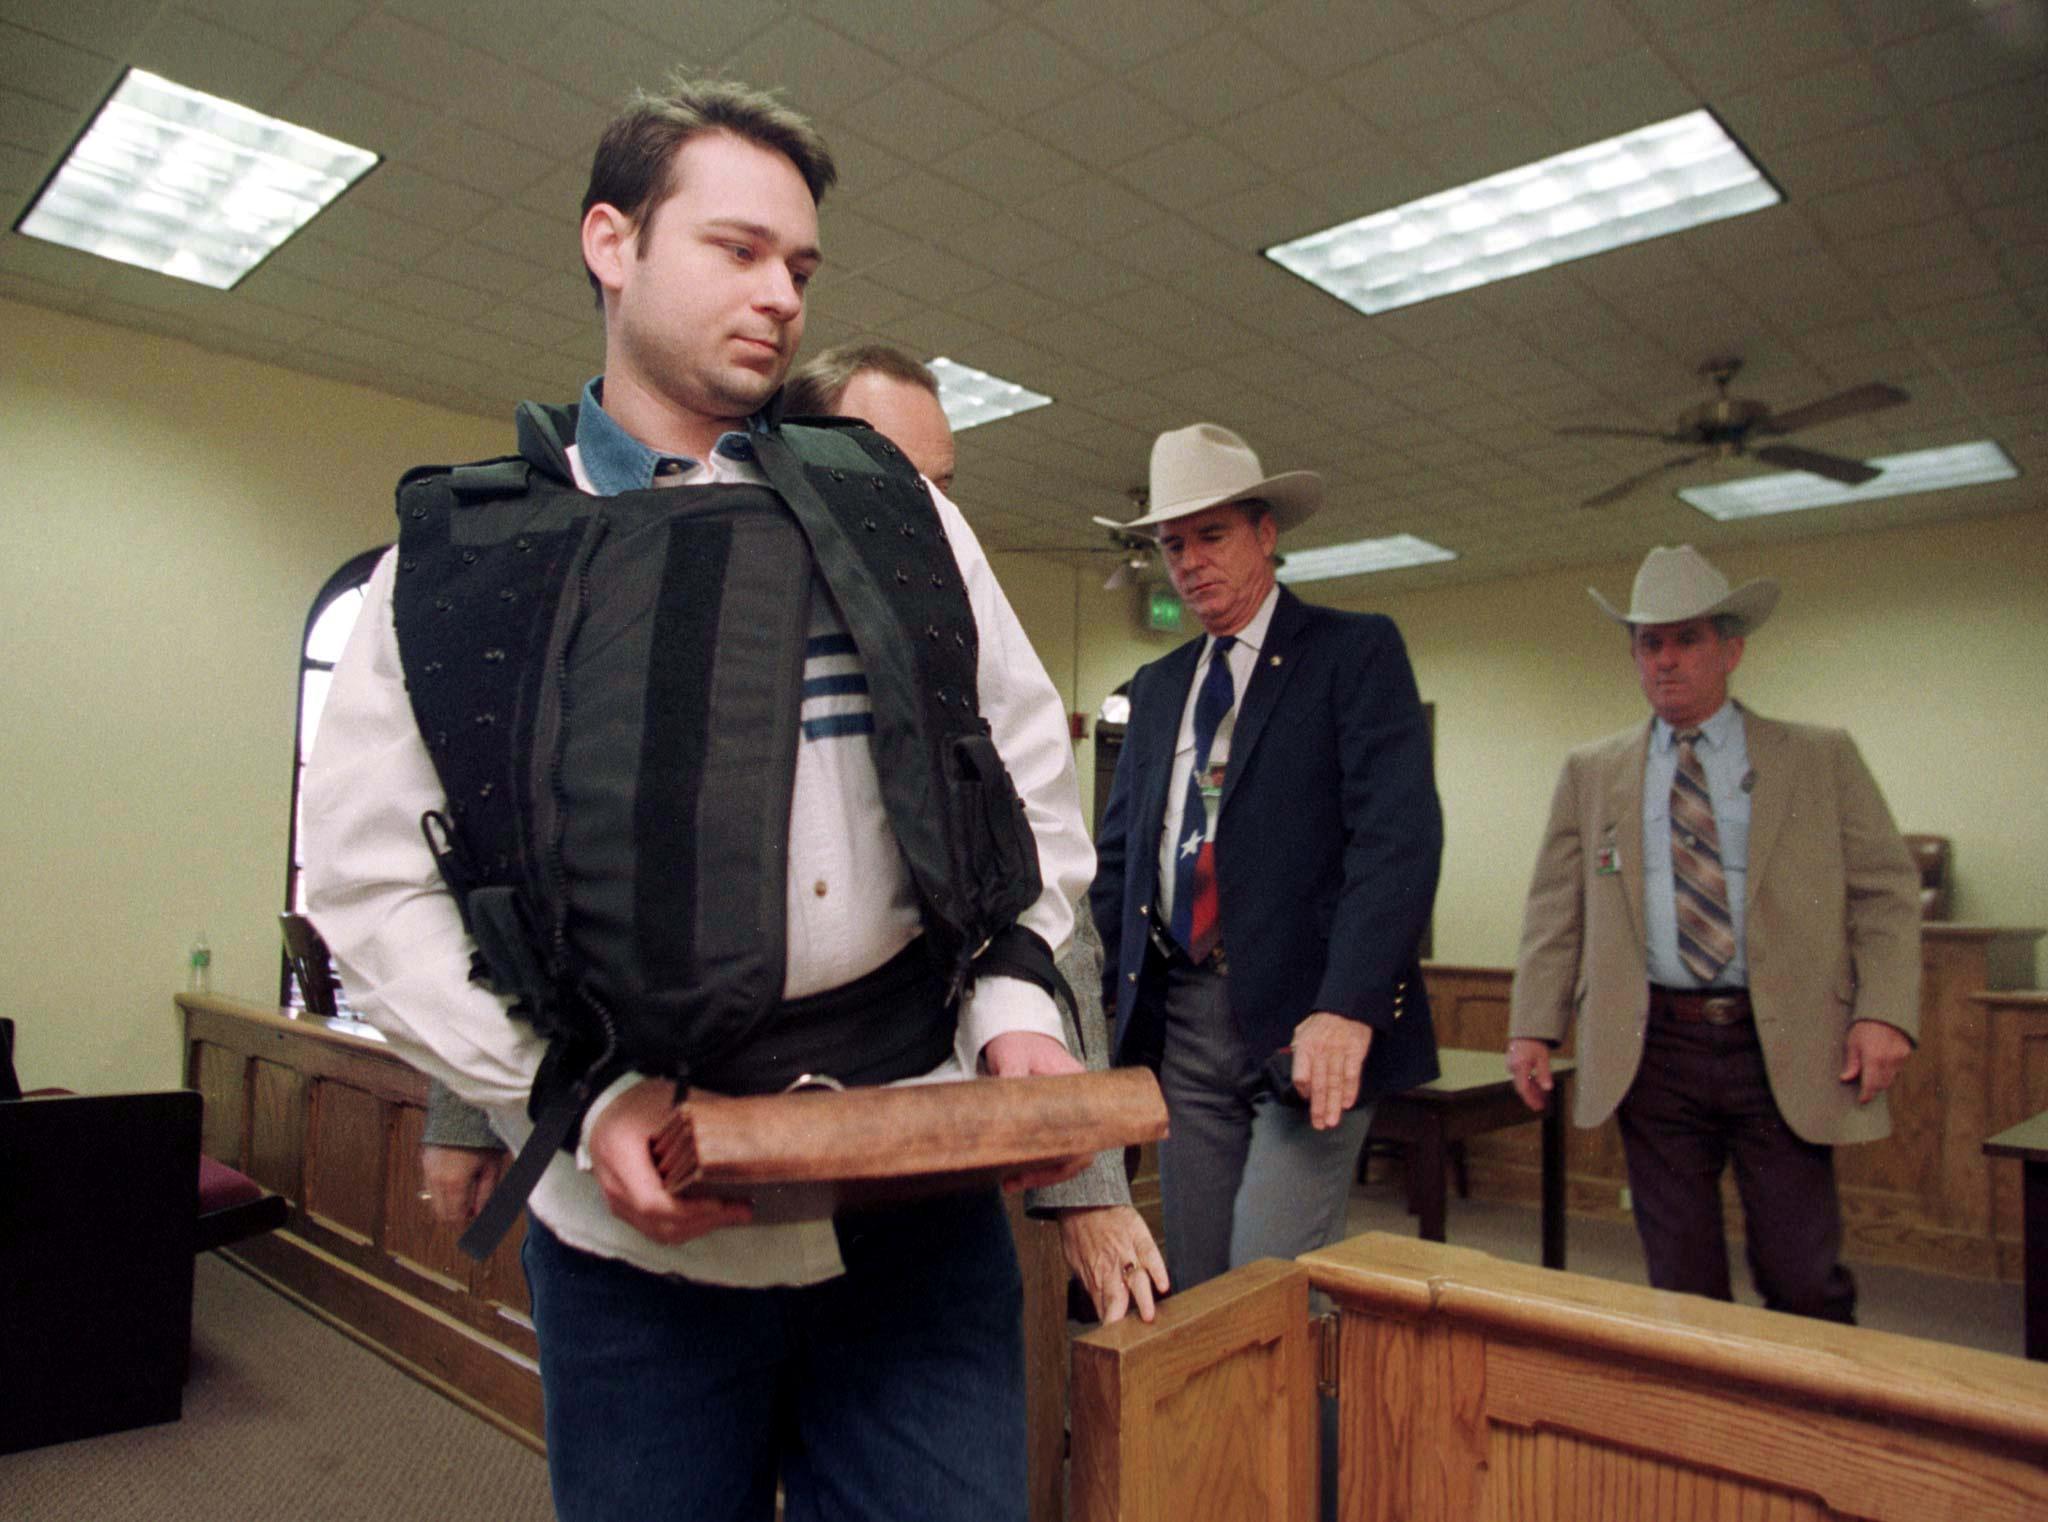 Một người đàn ông theo chủ nghĩa thượng tôn da trắng bị tử hình tại tiểu bang Texas vì sát hại một người da đen